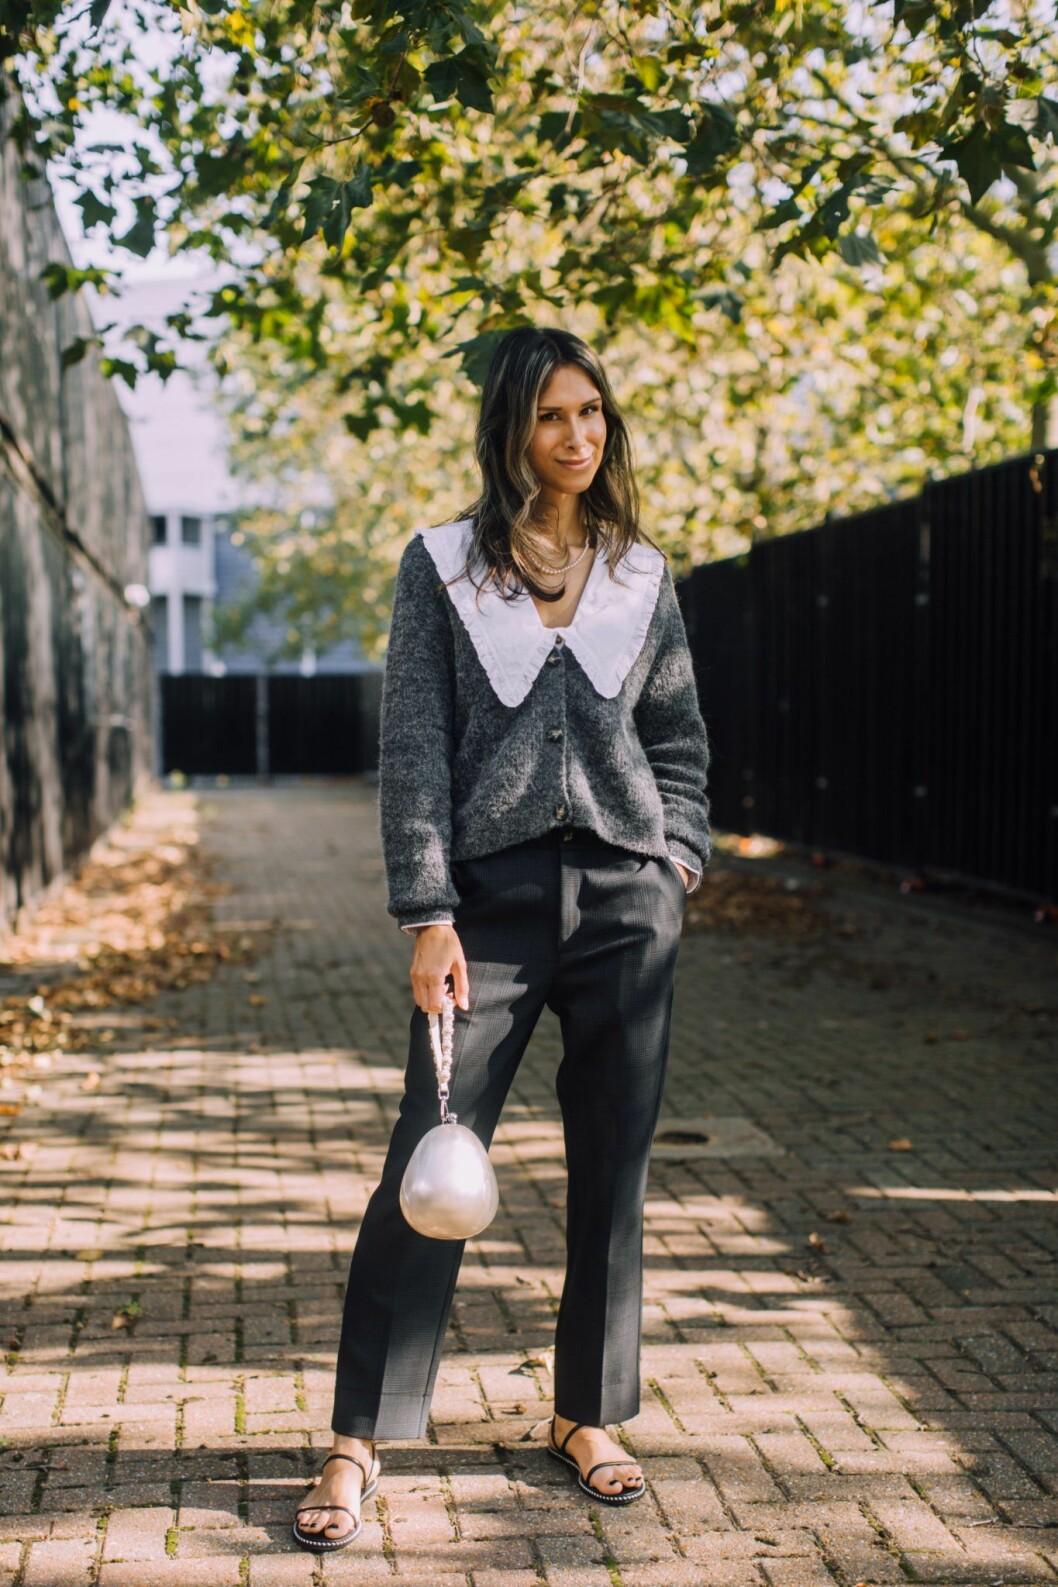 blus med krage och kofta från London fashion week